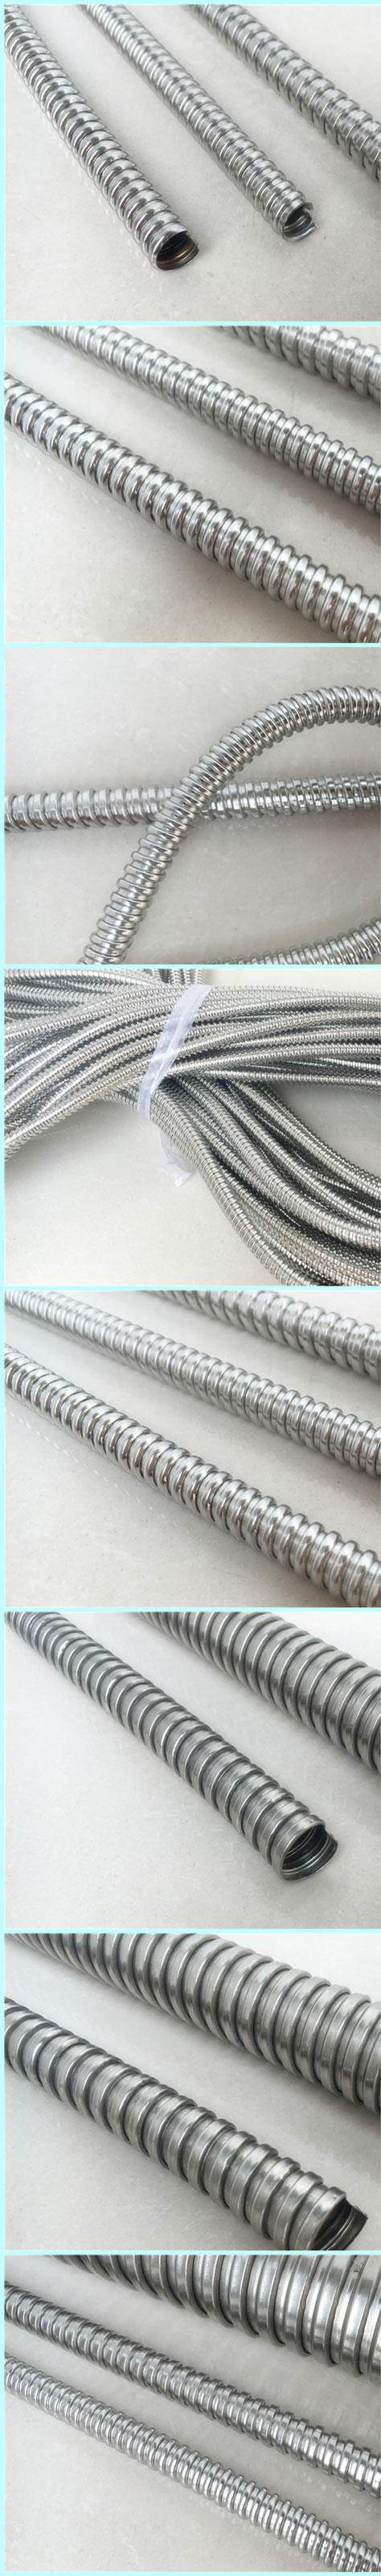 波紋金屬軟管